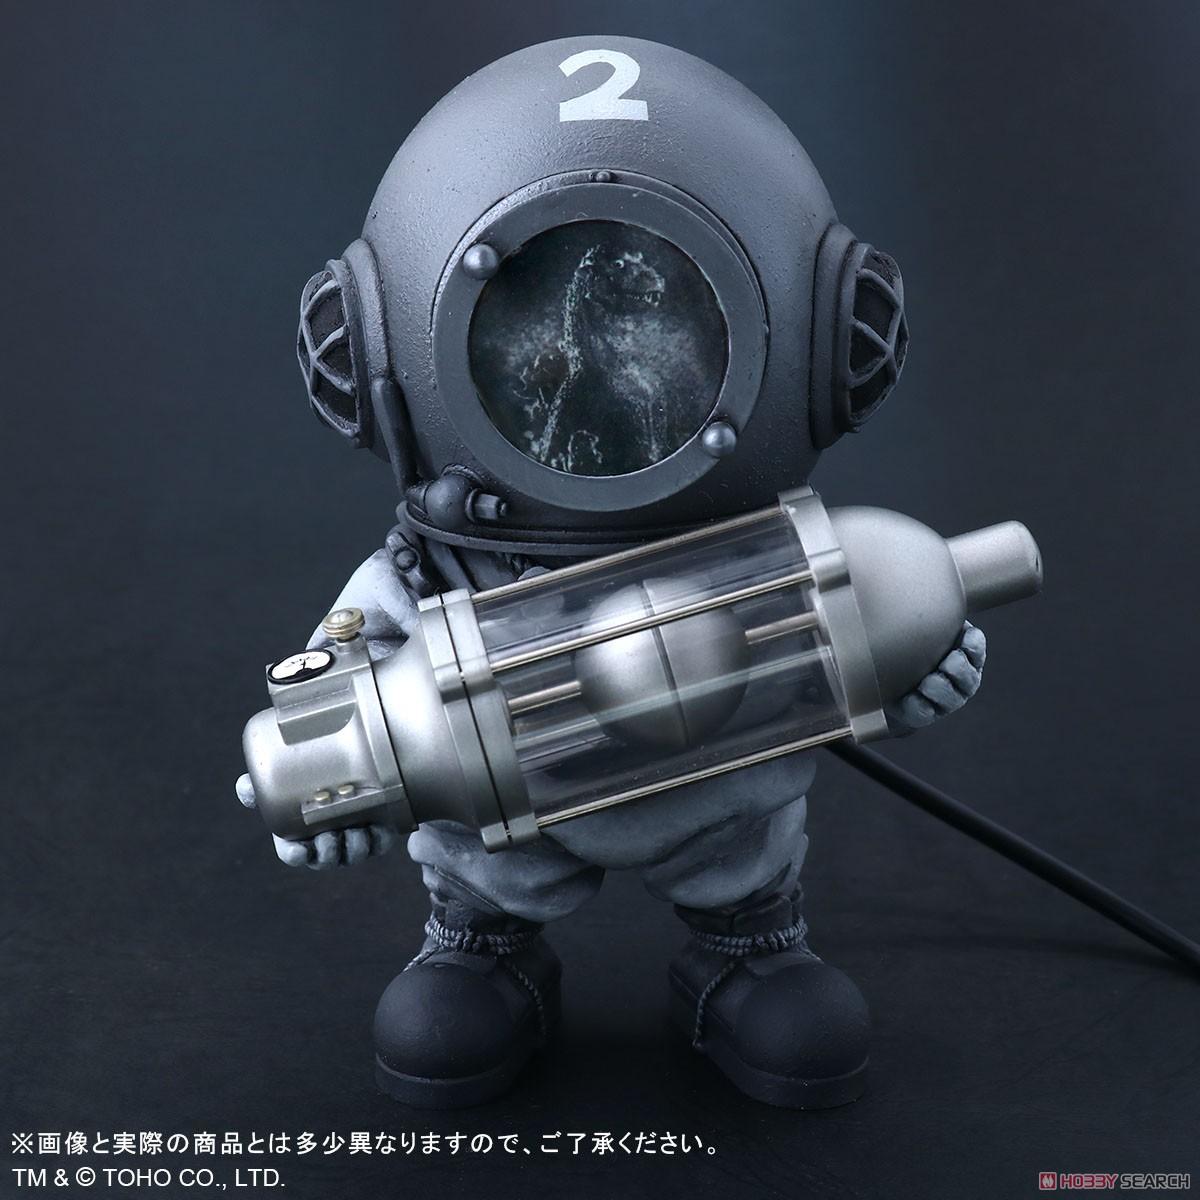 デフォリアル『芹沢博士 モノクロVer.』ゴジラ デフォルメ完成品フィギュア-007